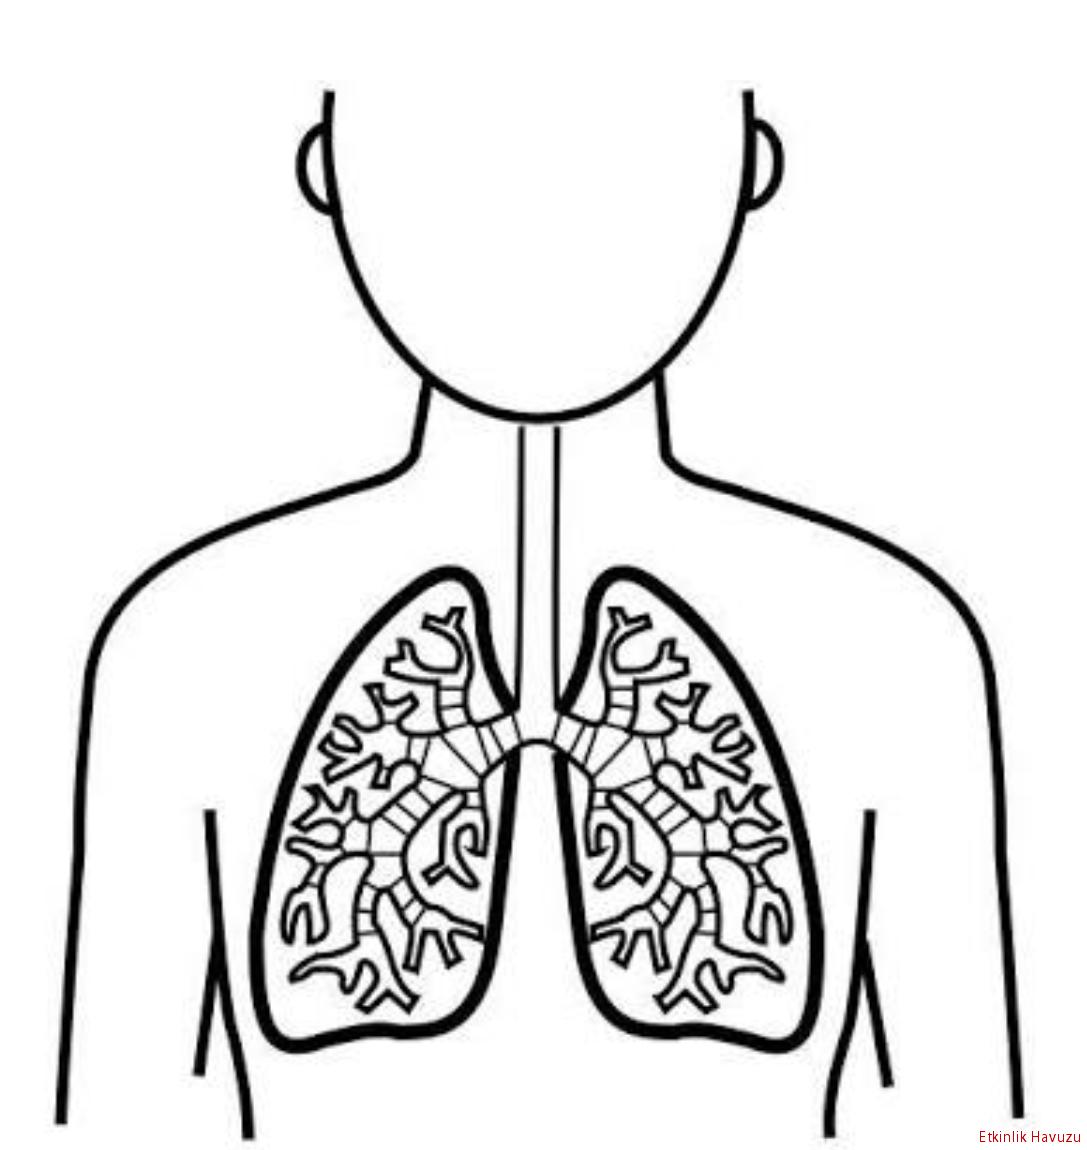 Akciğer Boyama Sayfası Ile Ilgili Görsel Sonucu Plandakiler